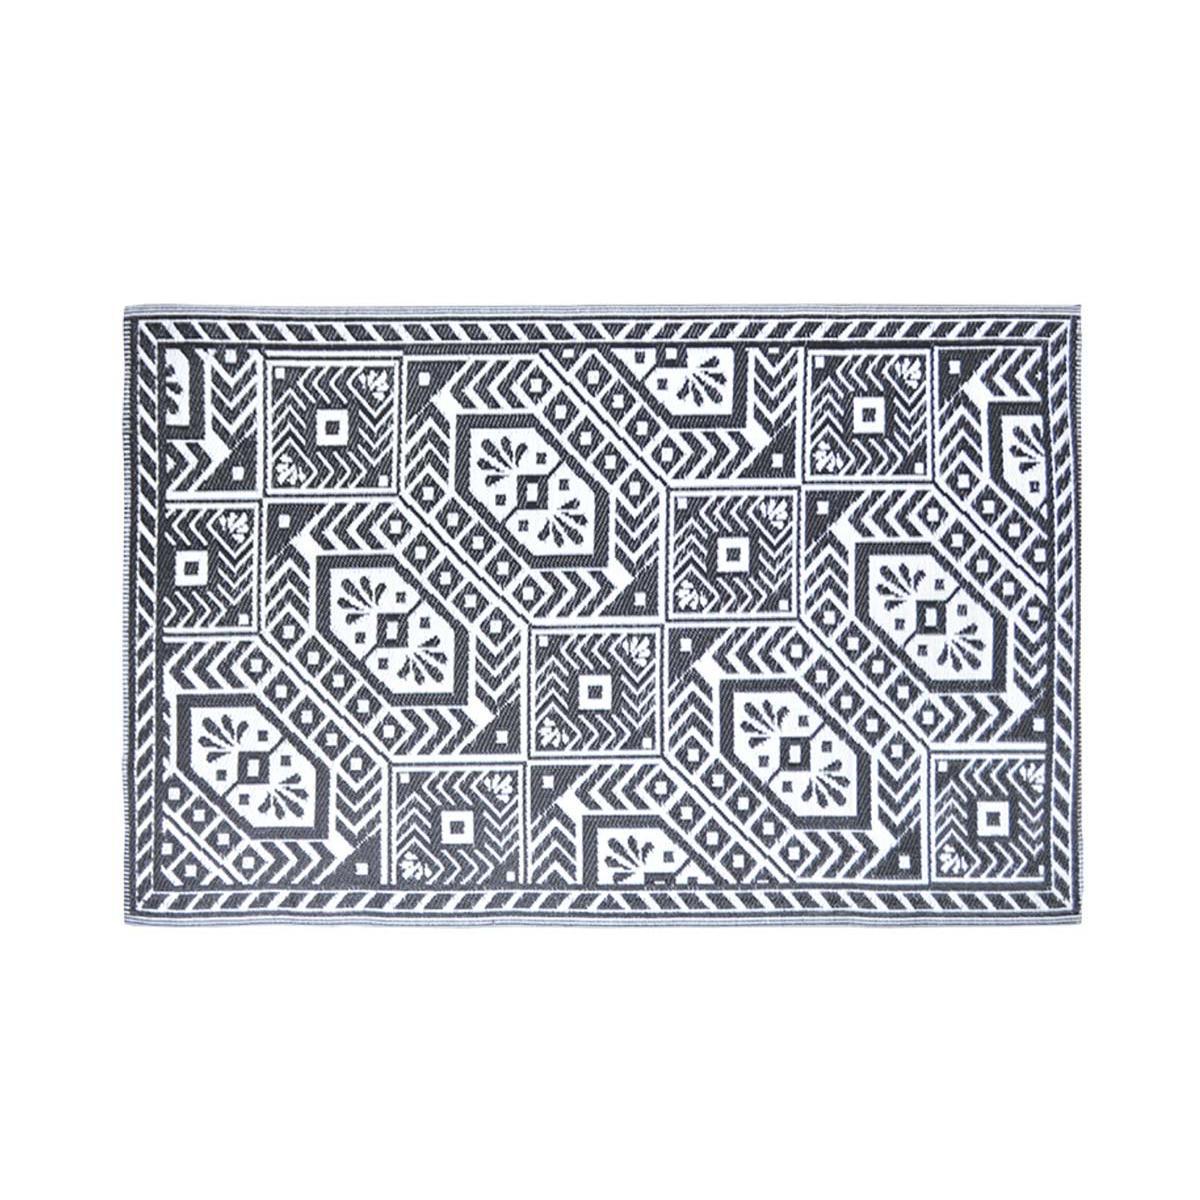 Esschert Design Tapis d'extérieur rectangulaire réversible diamant noir/blanc - 182 x 122 cm